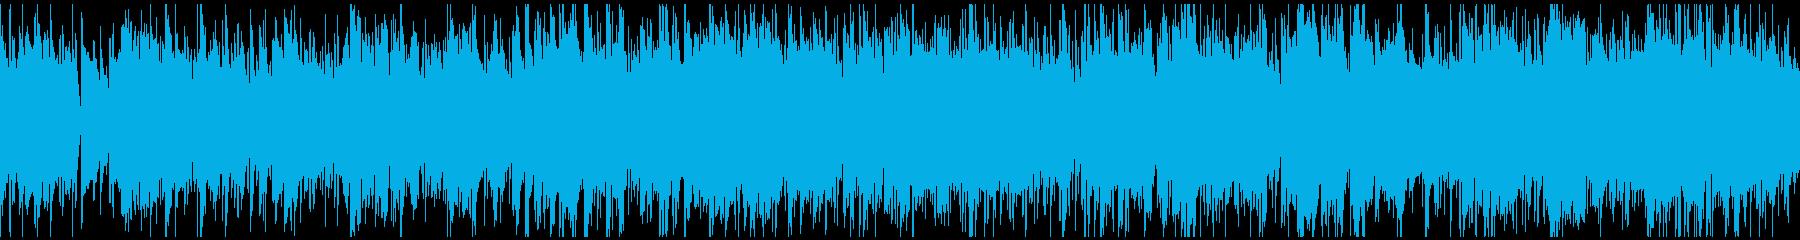 暖かく未来感あるボサノバ ※ループ仕様版の再生済みの波形